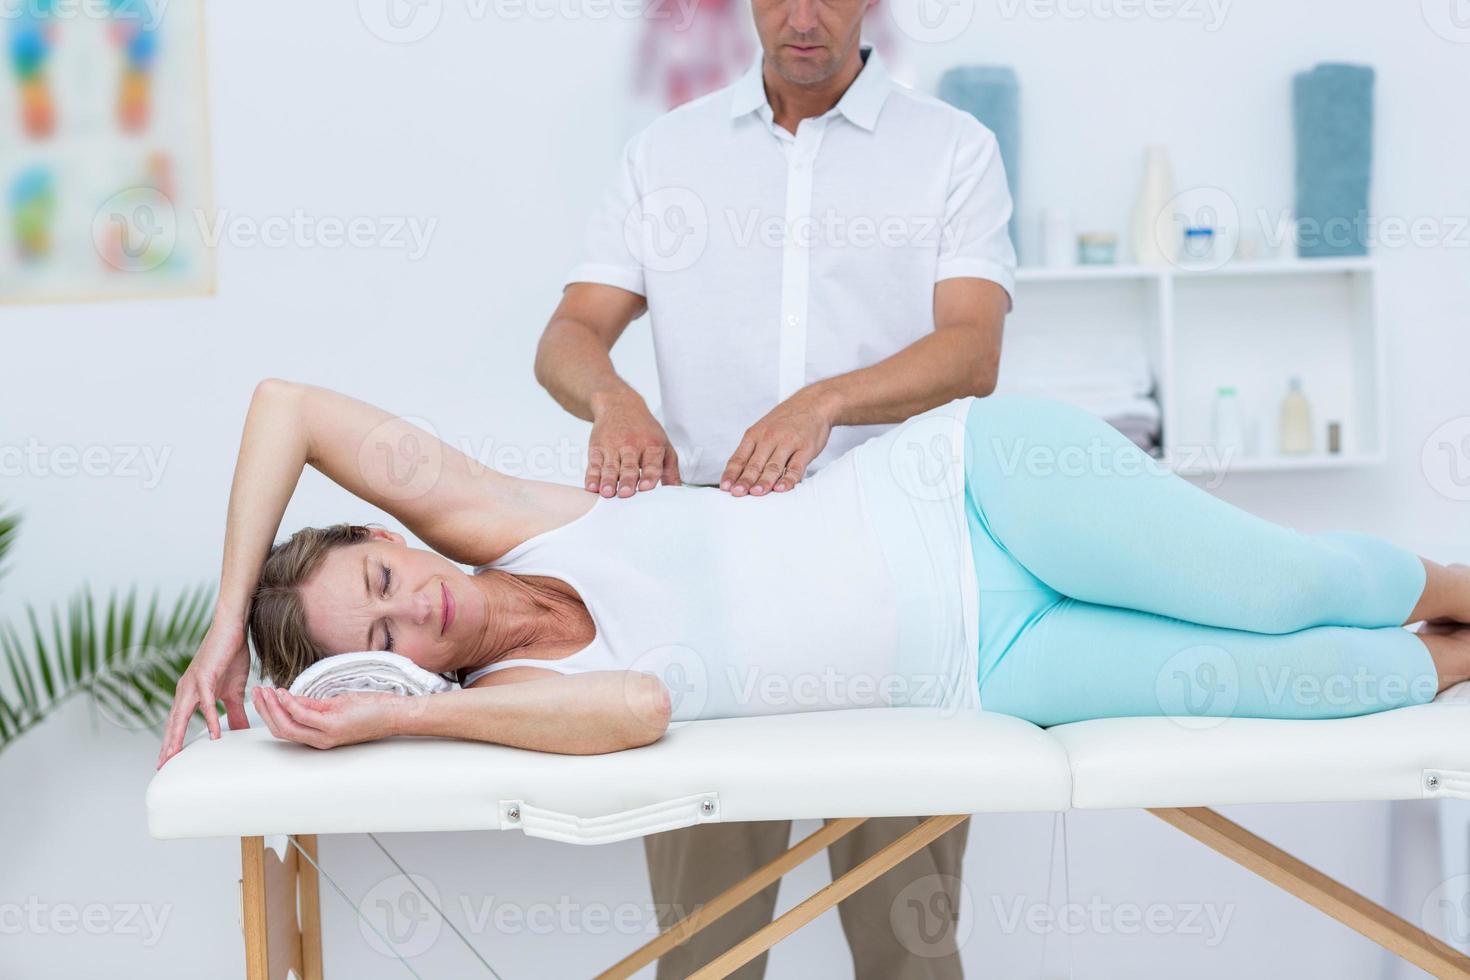 médico massageando seu paciente foto